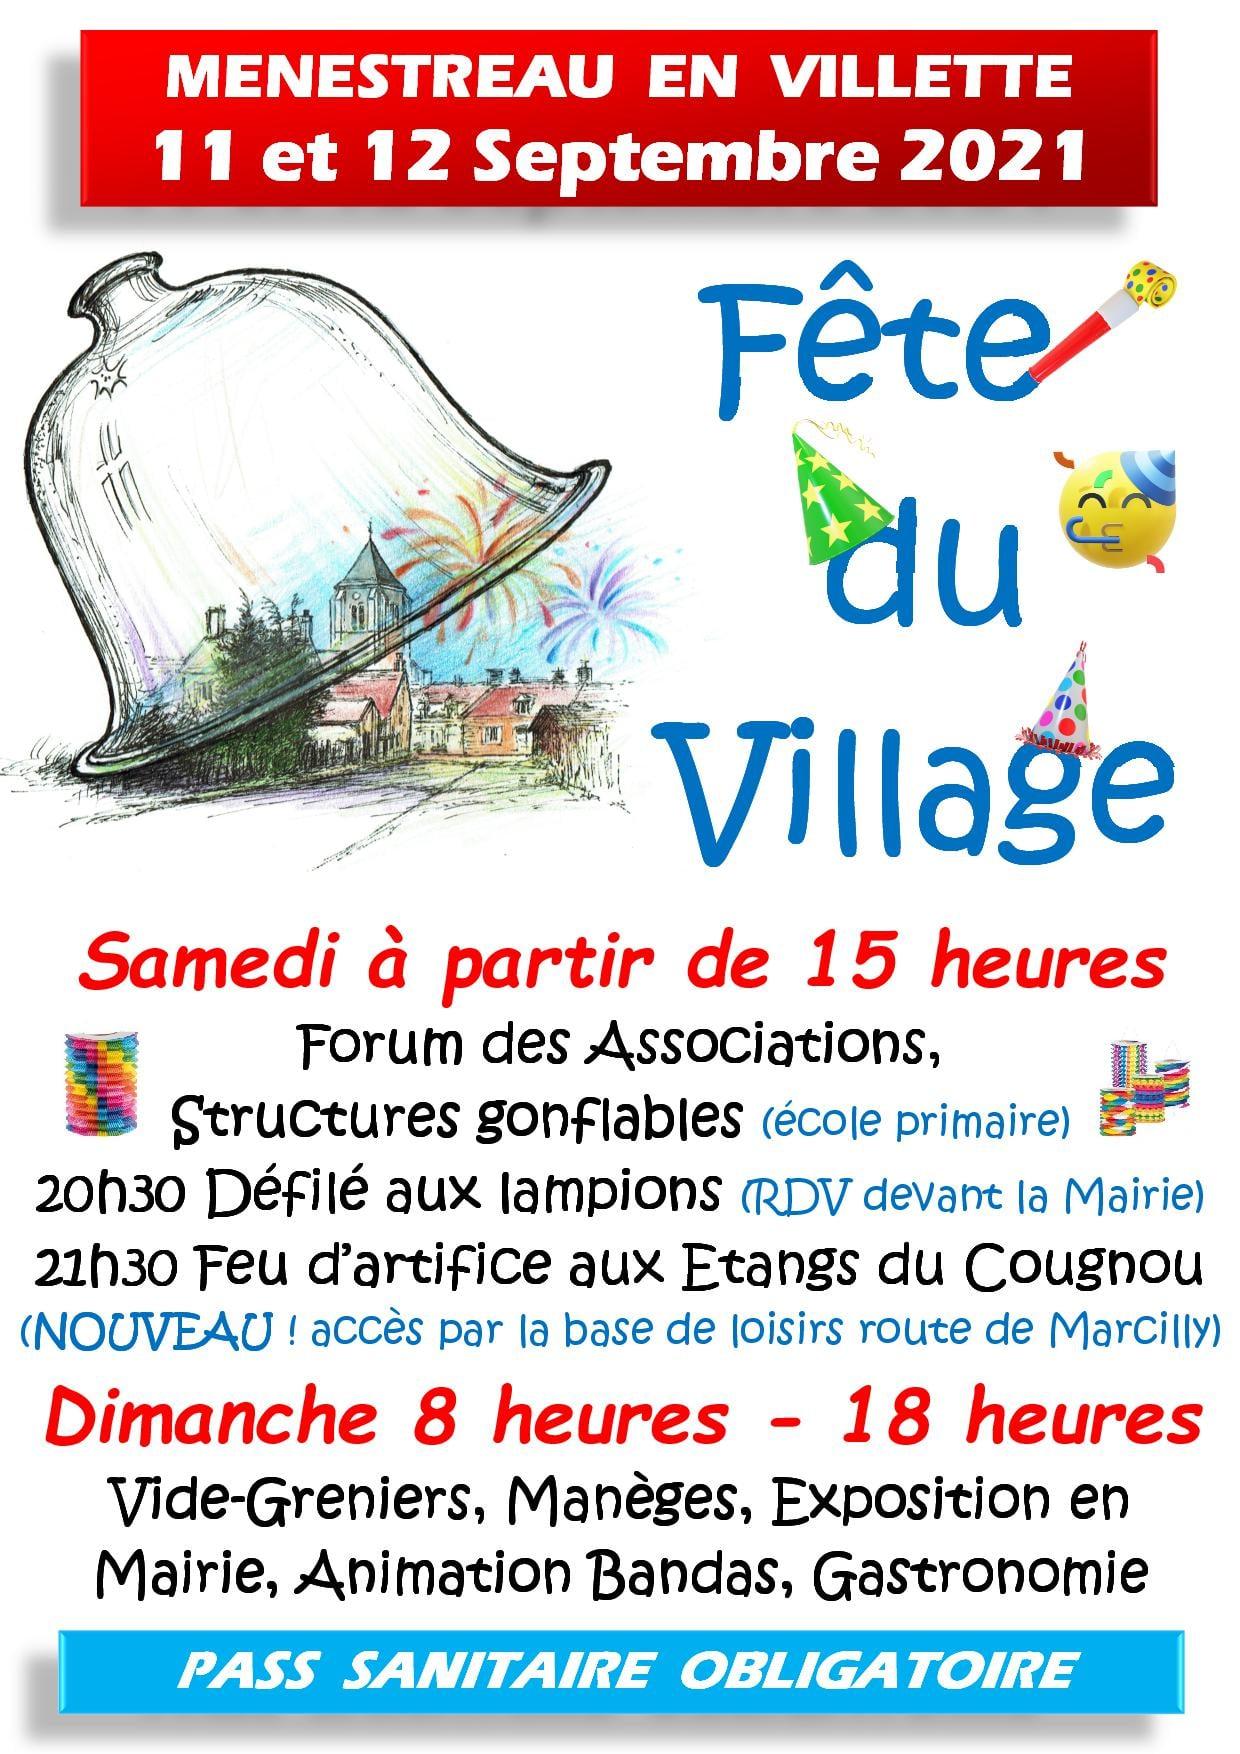 Fete village 11 09